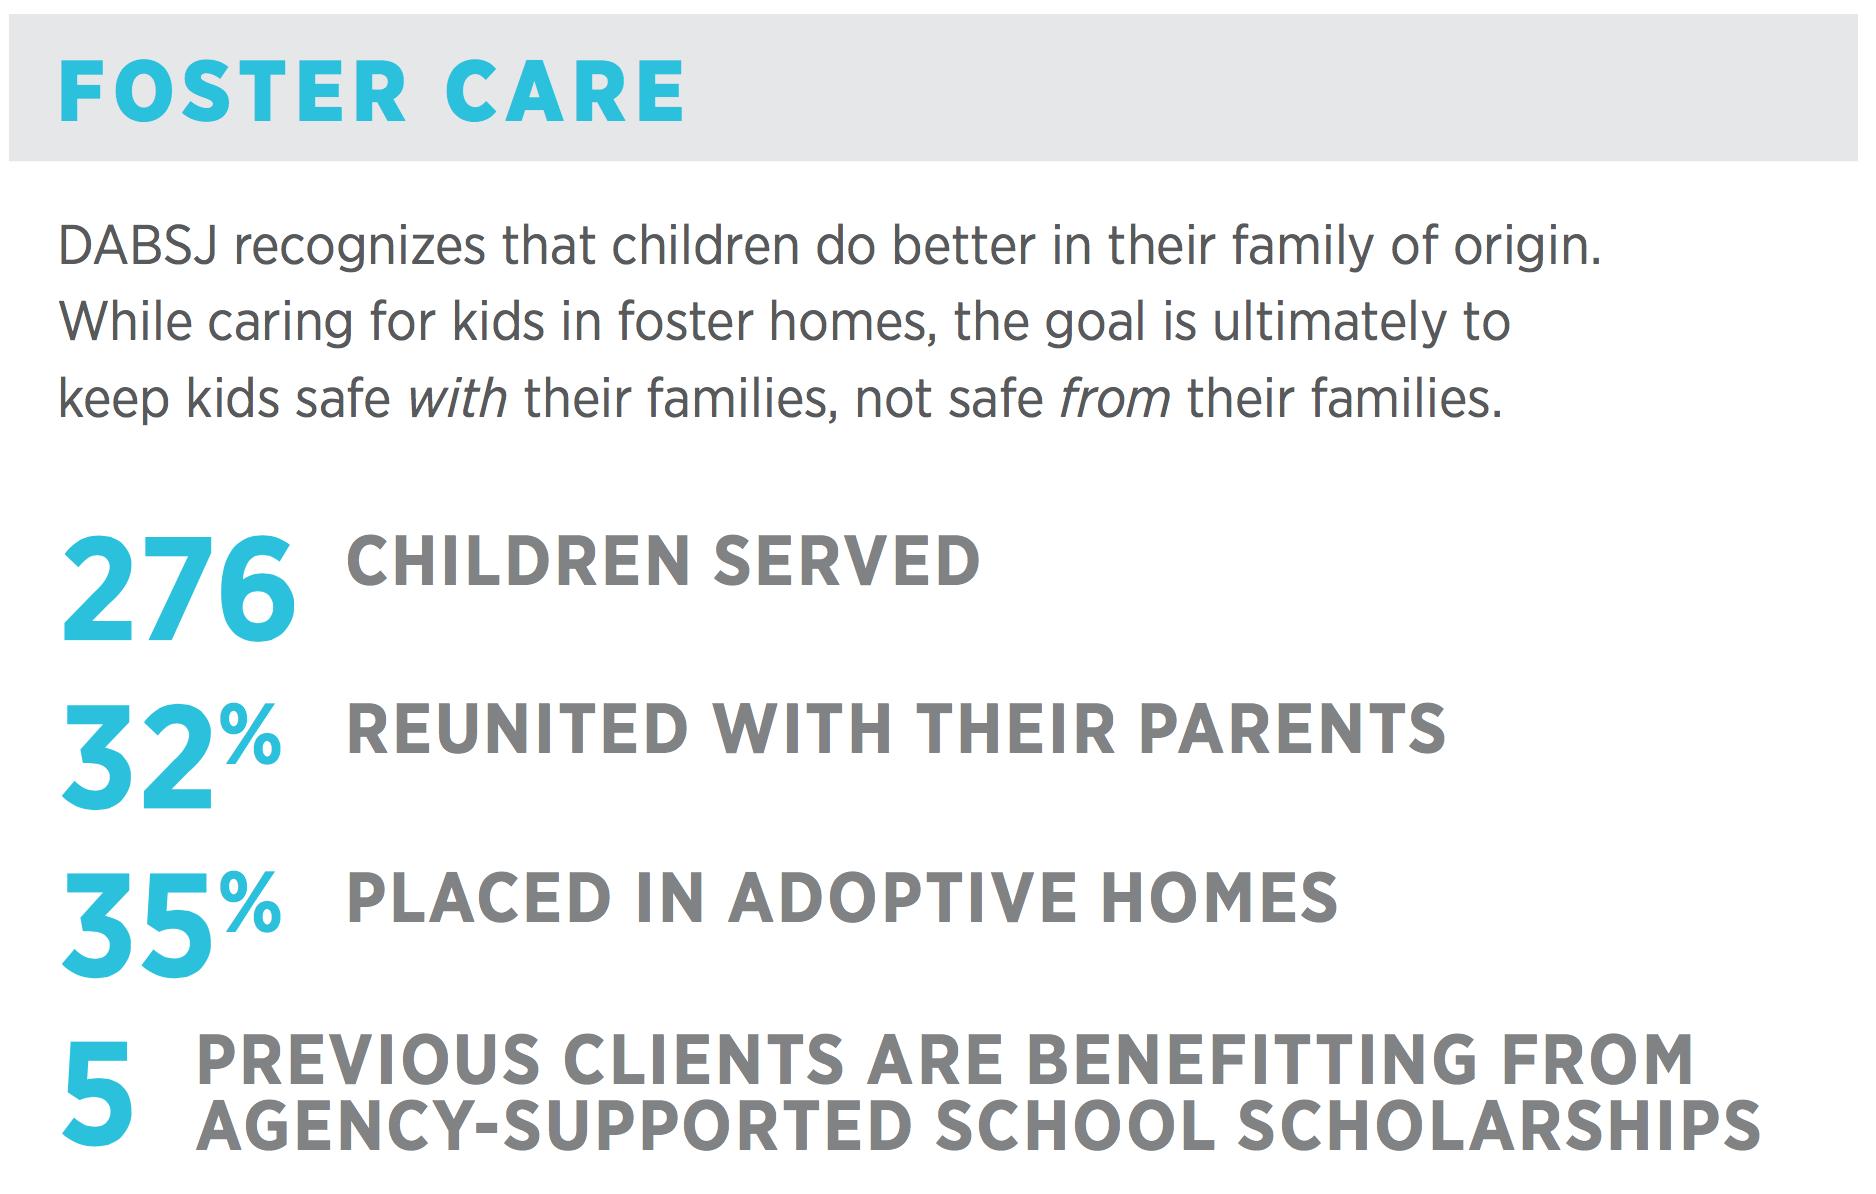 CIR - 2019 Foster care